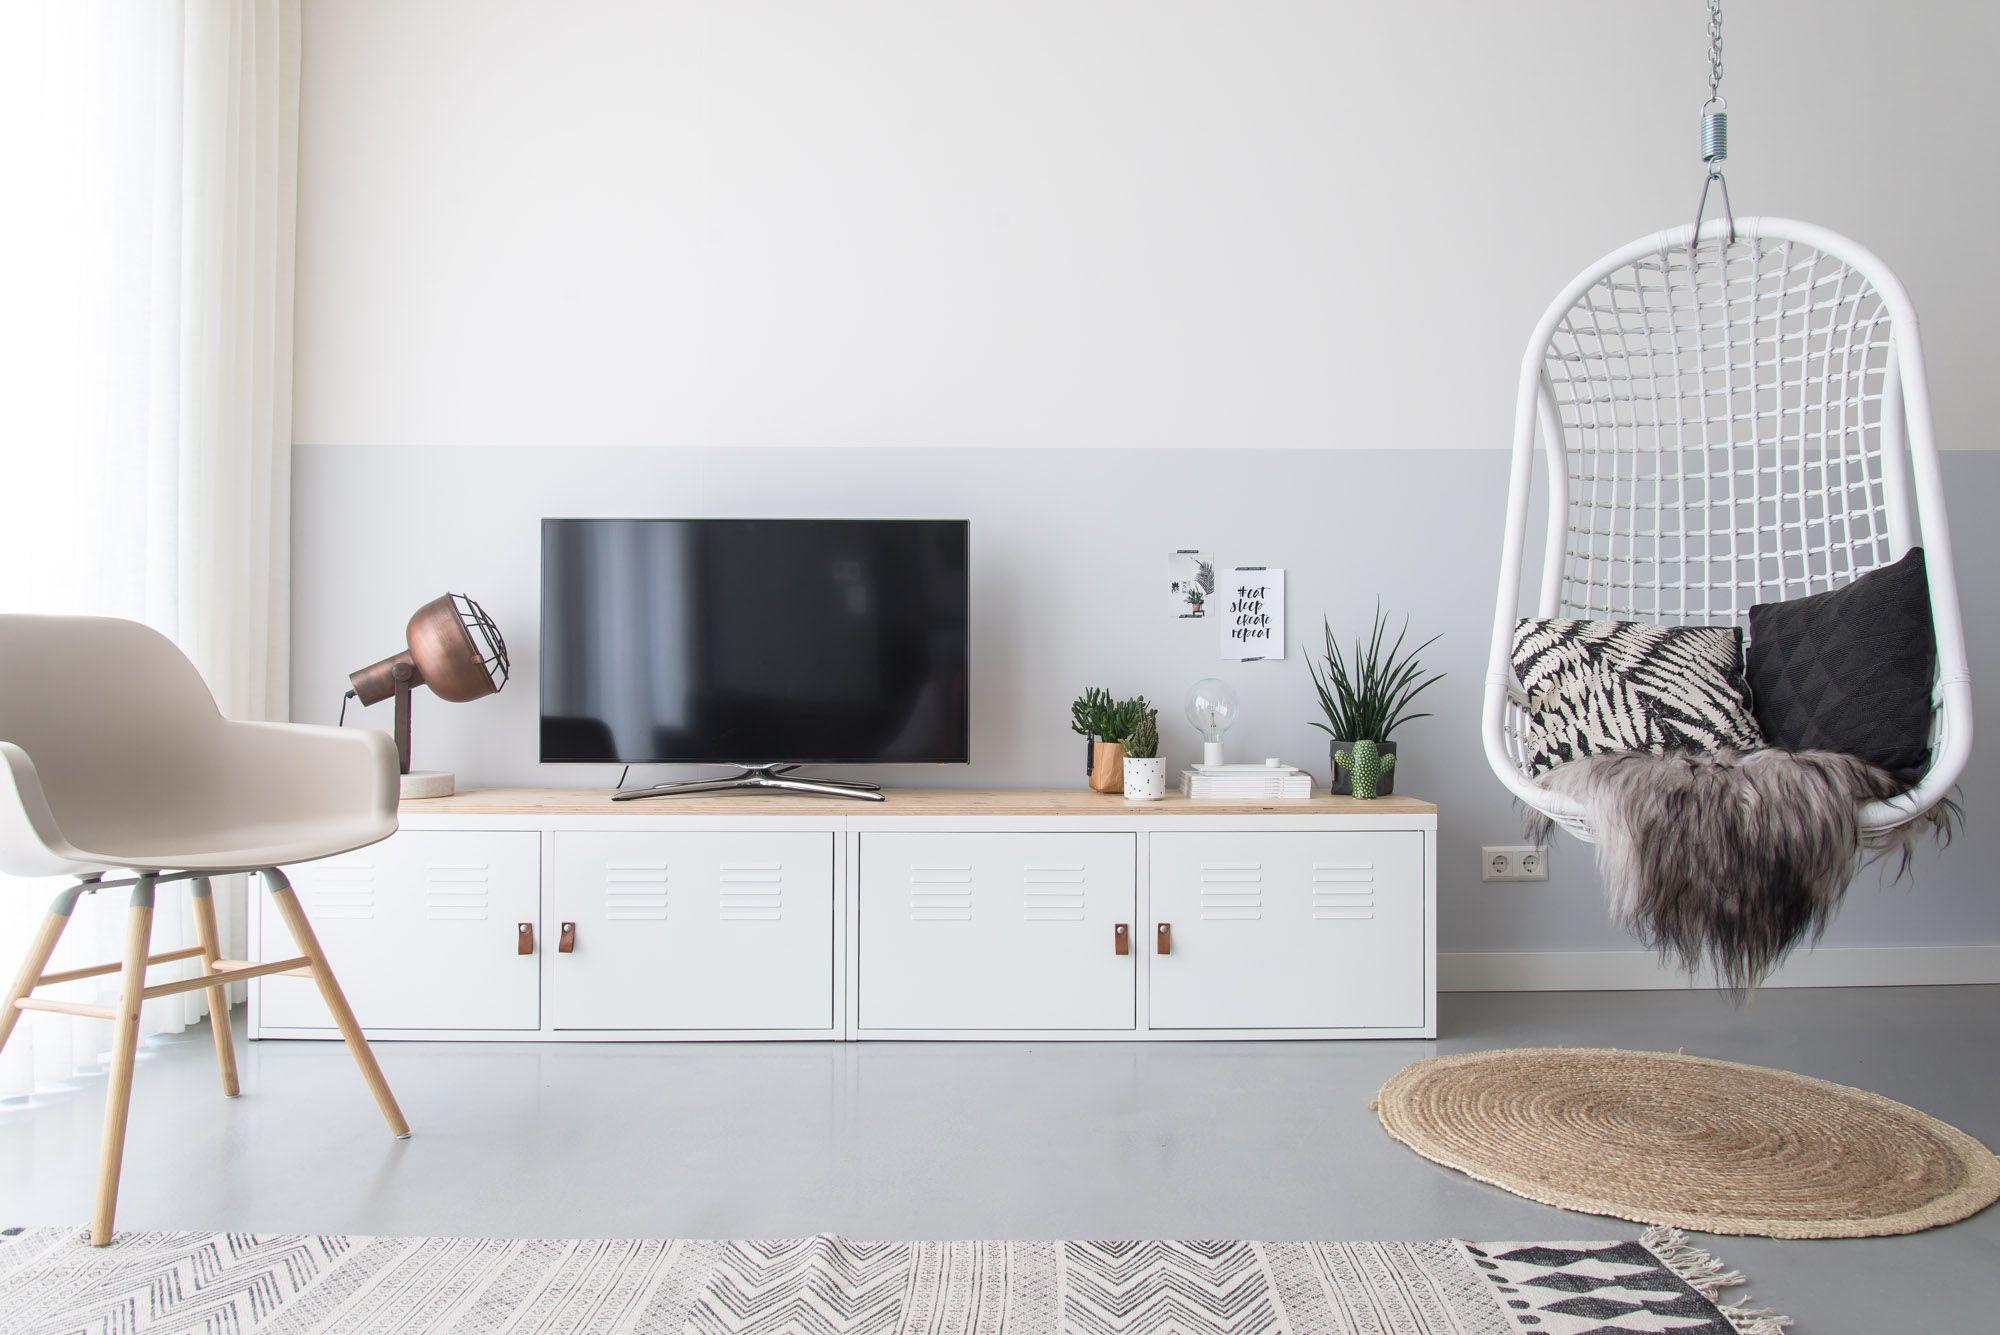 Ikea Tv Meubel Kast.Ikea Hack Tv Meubel Ikea Ps Kast Ideeen Voor Thuisdecoratie